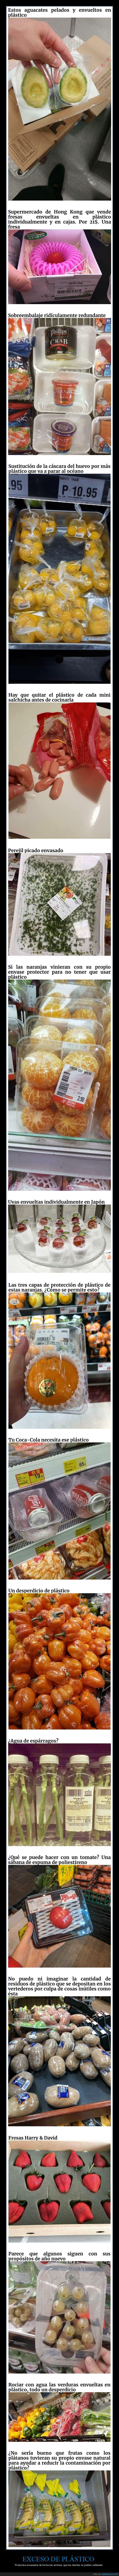 envasados,plástico,productos